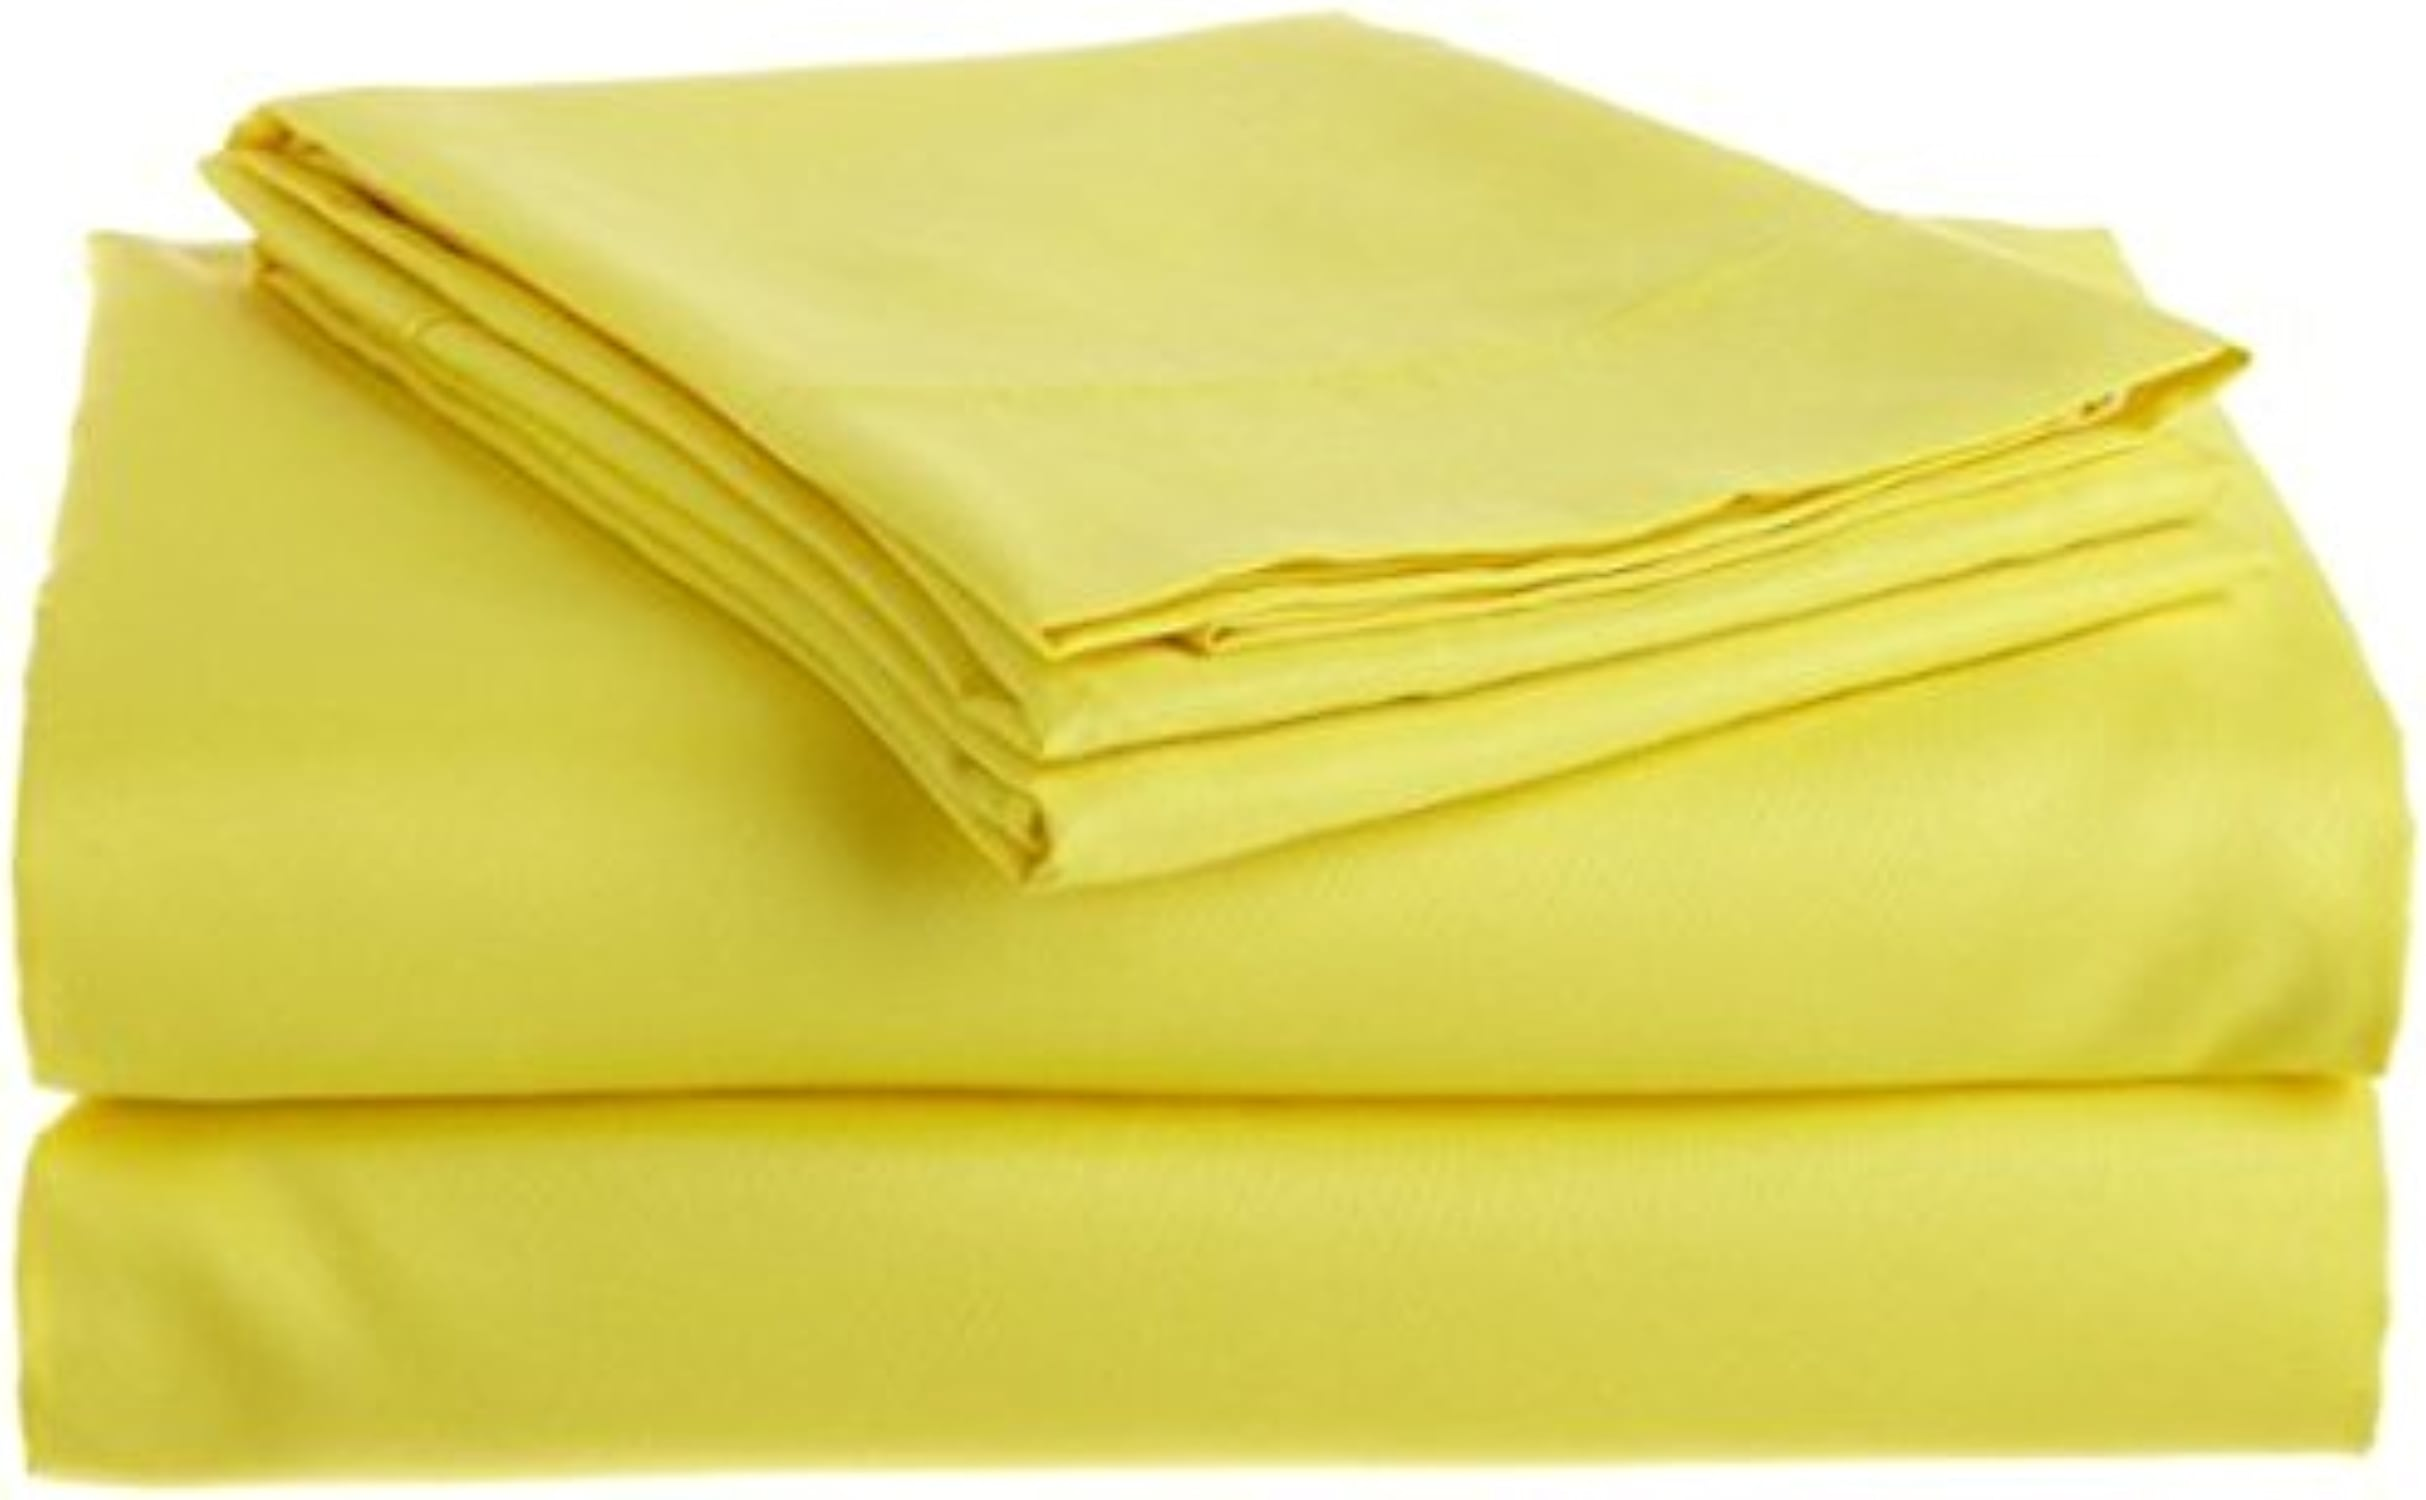 Laxlinens 250fils en coton égypcravaten 4pièces pour lit (+ 76,2cm) très profond Double poche Royaume-Uni, jaune massif